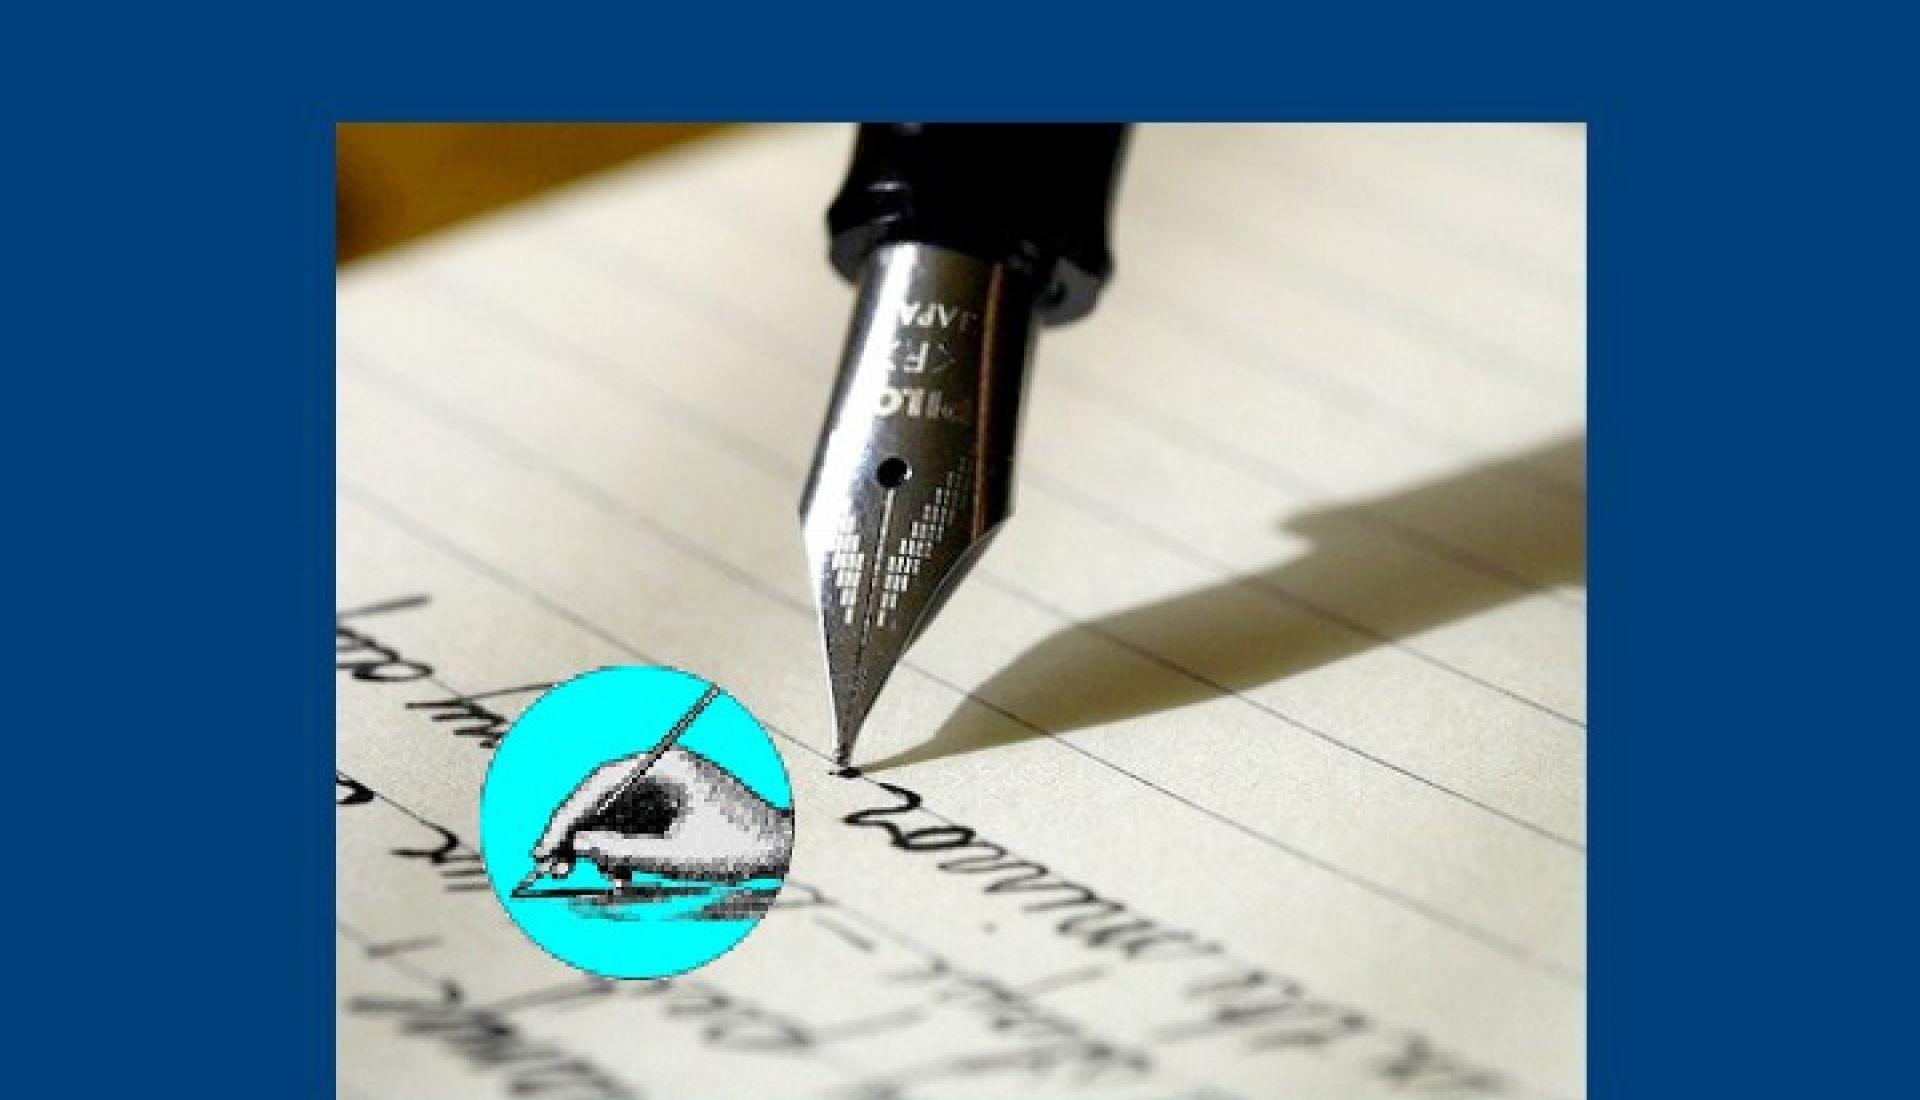 Écrire la suite d'un texte